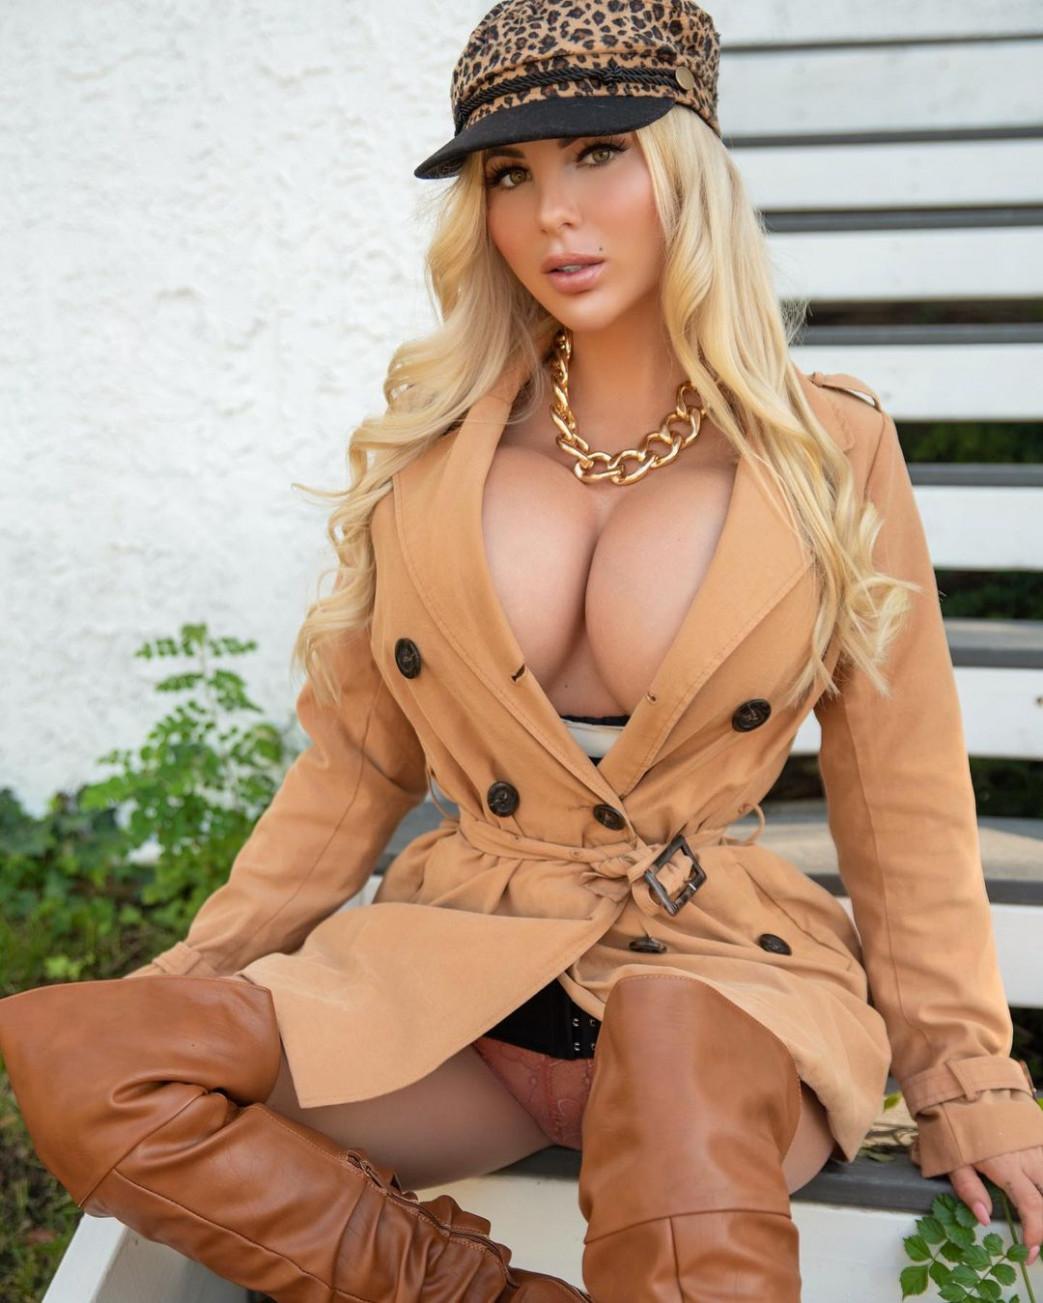 Jessica-Weaver-Huge-Tits-Cleavage-Underboobs-106.jpg